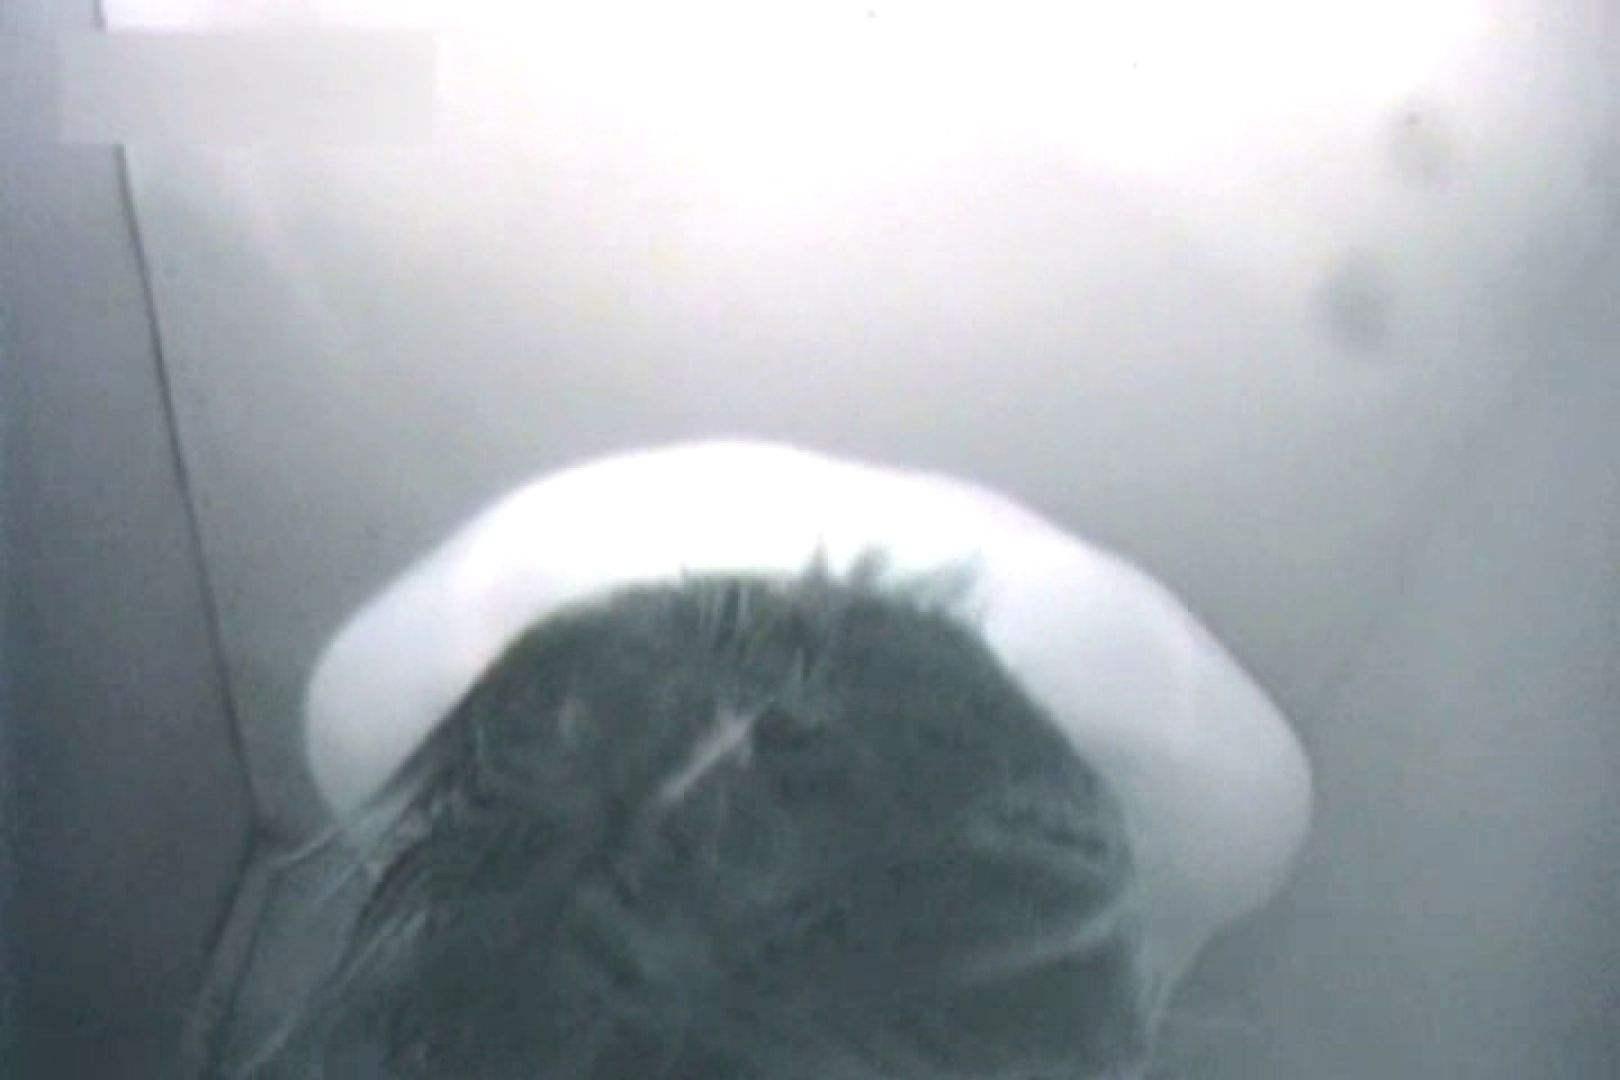 夏海シャワー室!ベトベトお肌をサラサラに!VOL.02 シャワー室  81連発 64